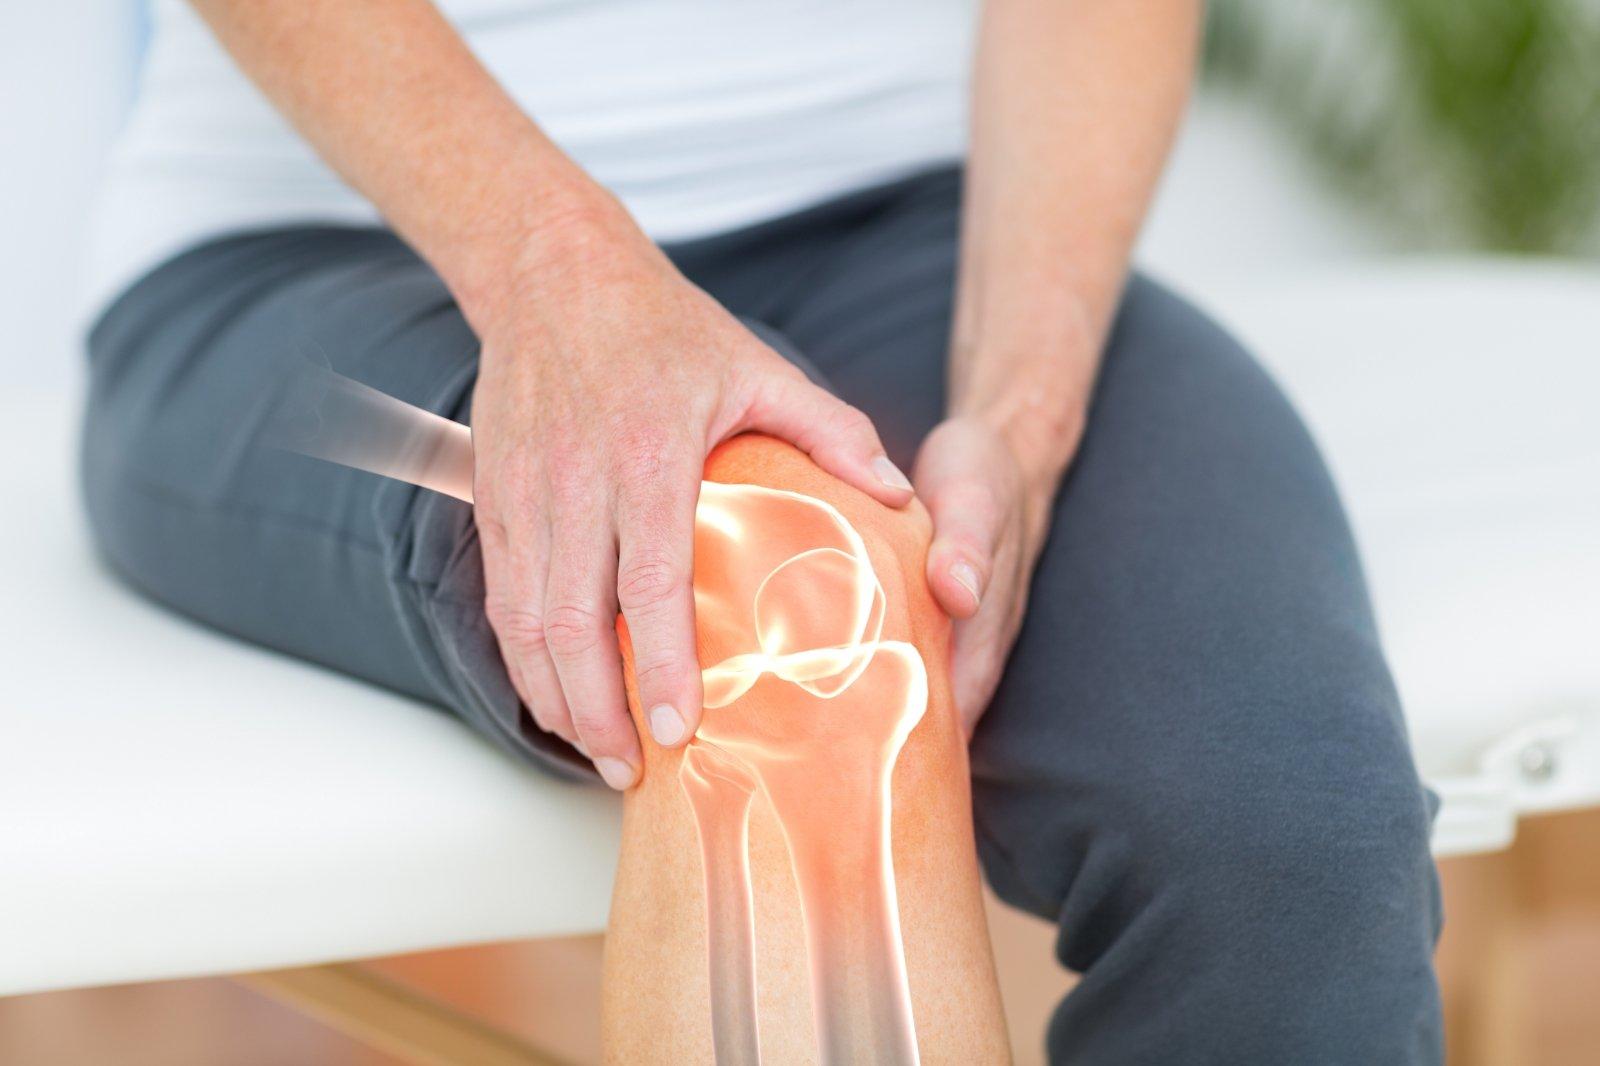 tepalas gelį iš sąnarių skausmas ligos pėdos sąnarių ir jų gydymas